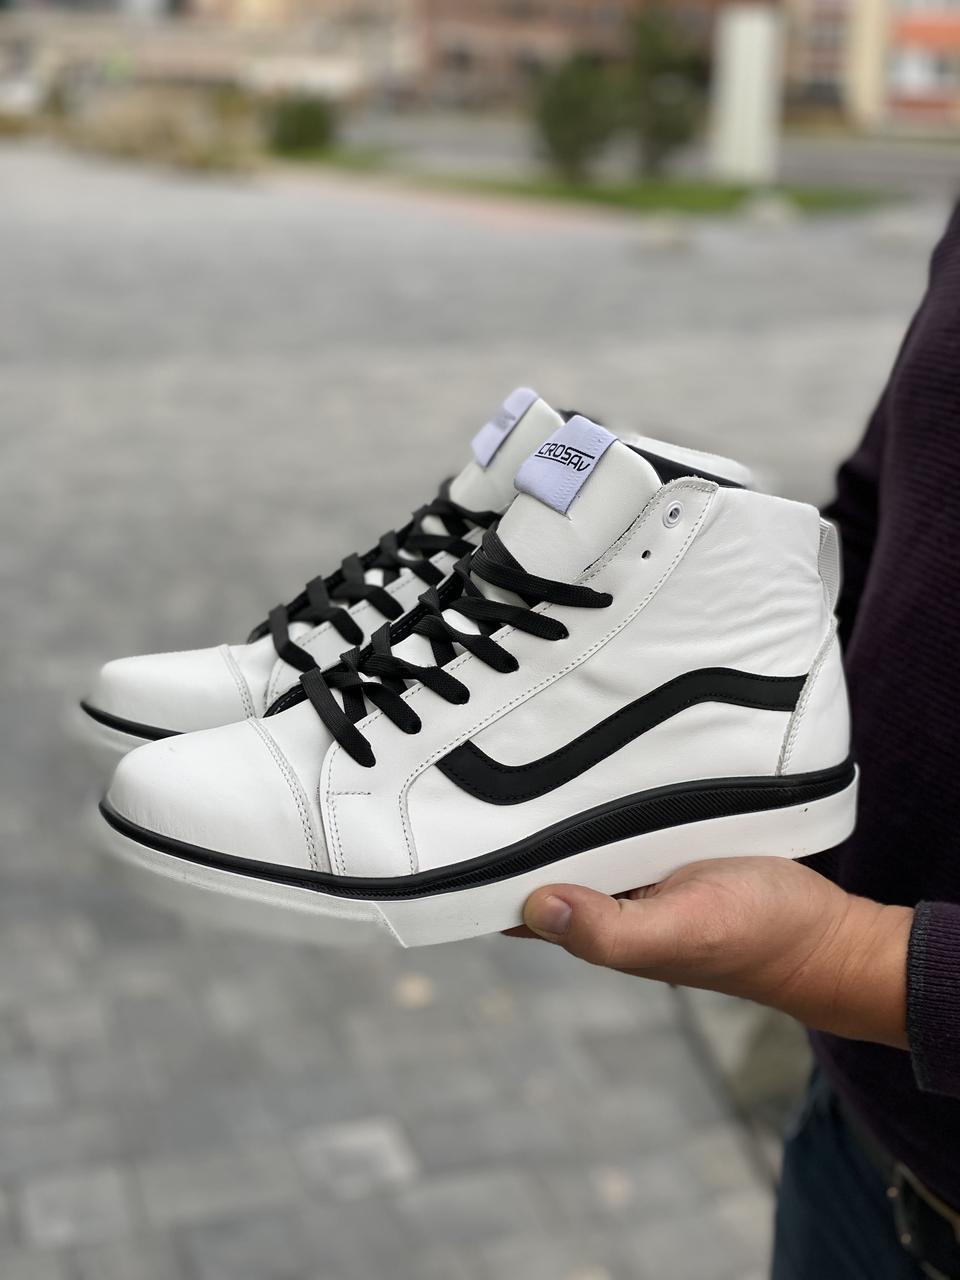 Мужские кроссовки кожаные зимние белые-черные CrosSAV 324